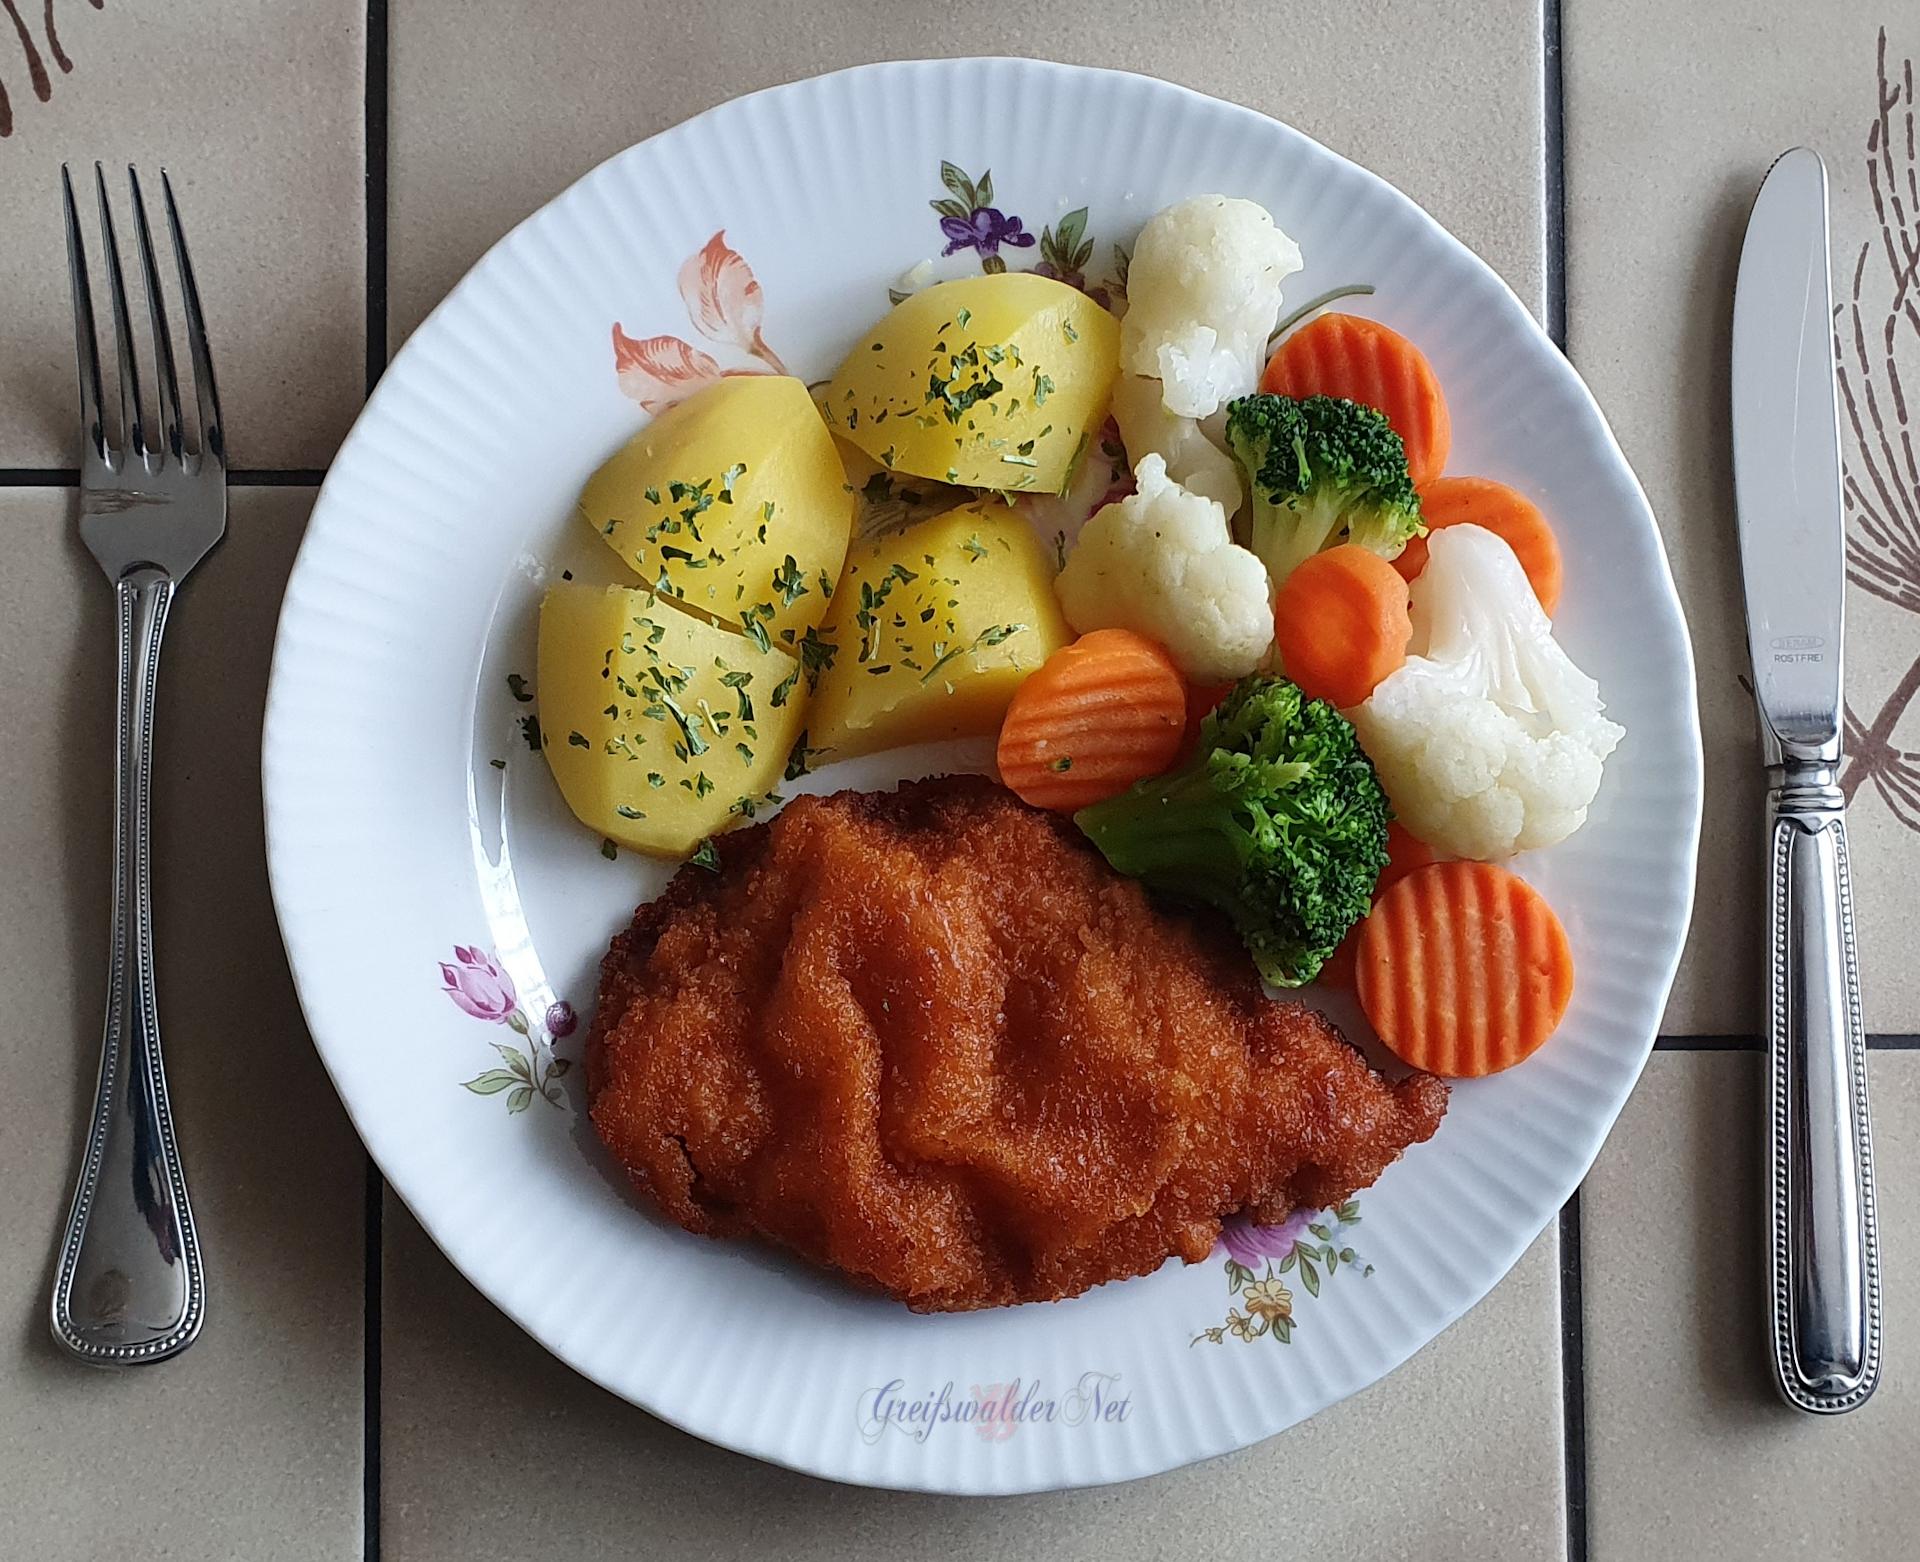 Hähnchenschnitzel mit Petersilienkartoffeln und Kaisergemüse